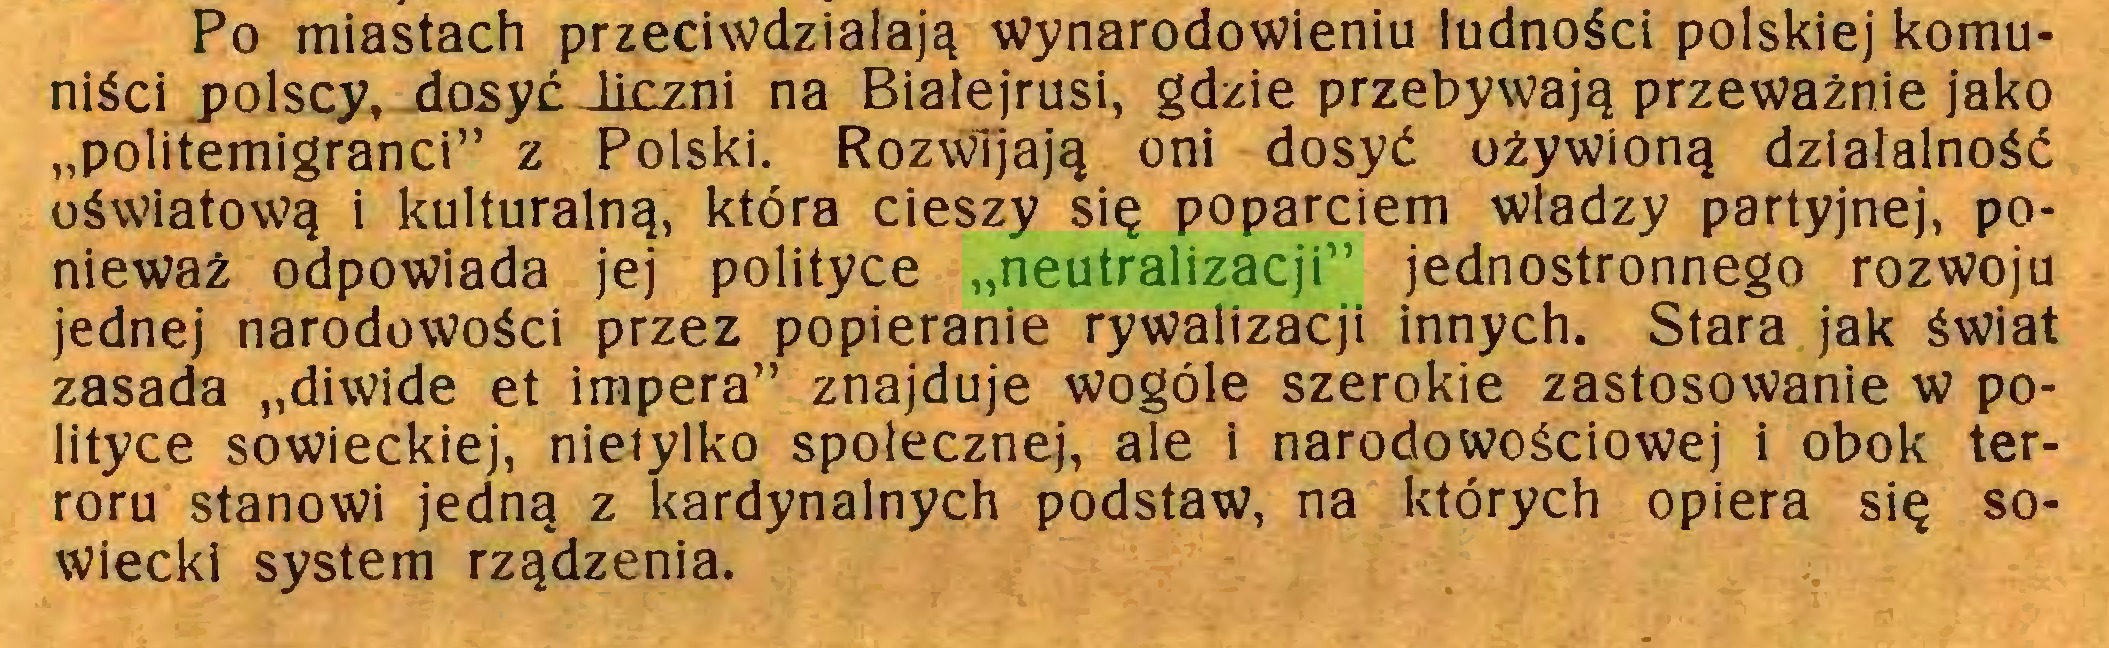 """(...) Po miastach przeciwdziałają wynarodowieniu ludności polskiej komuniści polscy, dosyć liczni na Białejrusi, gdzie przebywają przeważnie jako """"politemigranci"""" z Polski. Rozwijają oni dosyć ożywioną działalność oświatową i kulturalną, która cieszy się poparciem władzy partyjnej, ponieważ odpowiada jej polityce """"neutralizacji"""" jednostronnego rozwoju jednej narodowości przez popieranie rywalizacji innych. Stara jak świat zasada """"diwide et impera"""" znajduje wogóle szerokie zastosowanie w polityce sowieckiej, nietylko społecznej, ale i narodowościowej i obok terroru stanowi jedną z kardynalnych podstaw, na których opiera się sowiecki system rządzenia..."""